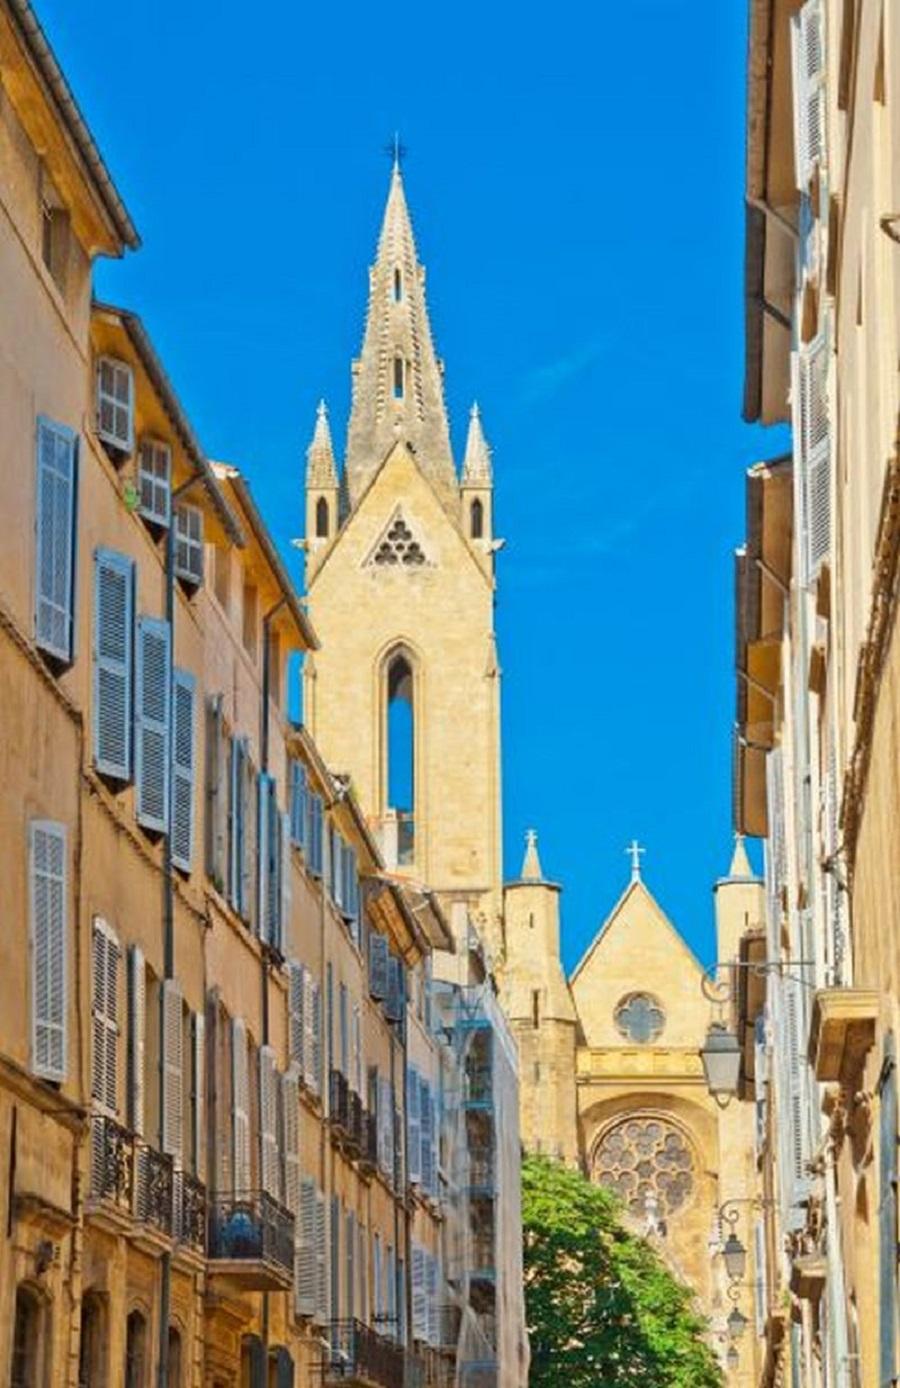 Ferienwohnung Aix en Provence 2p4p Chartreuse (1064054), Aix en Provence, Bouches-du-Rhône, Provence - Alpen - Côte d'Azur, Frankreich, Bild 5